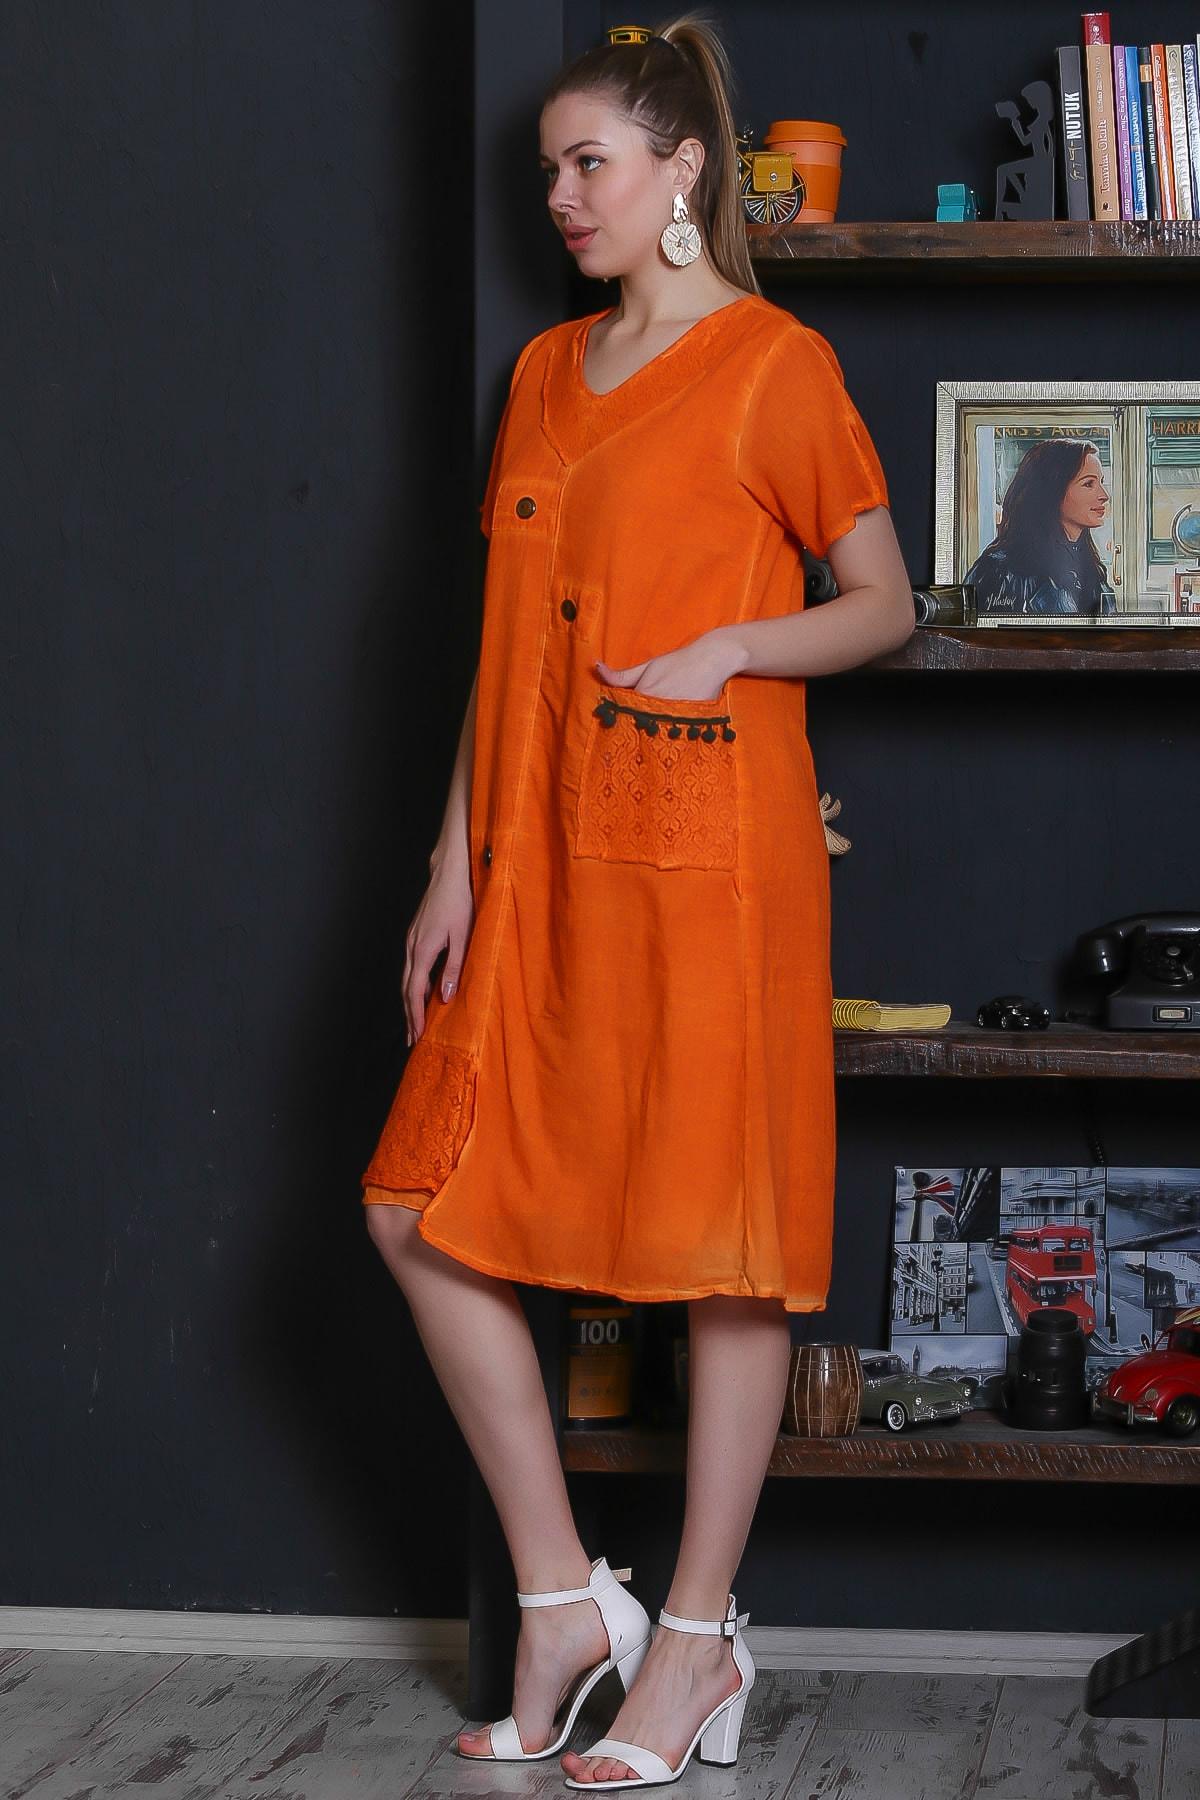 Chiccy Kadın Turuncu Dantel Yaka Ve Cep Detaylı Süs Düğmeli Astarlı Yıkamalı Elbise M10160000EL95281 2